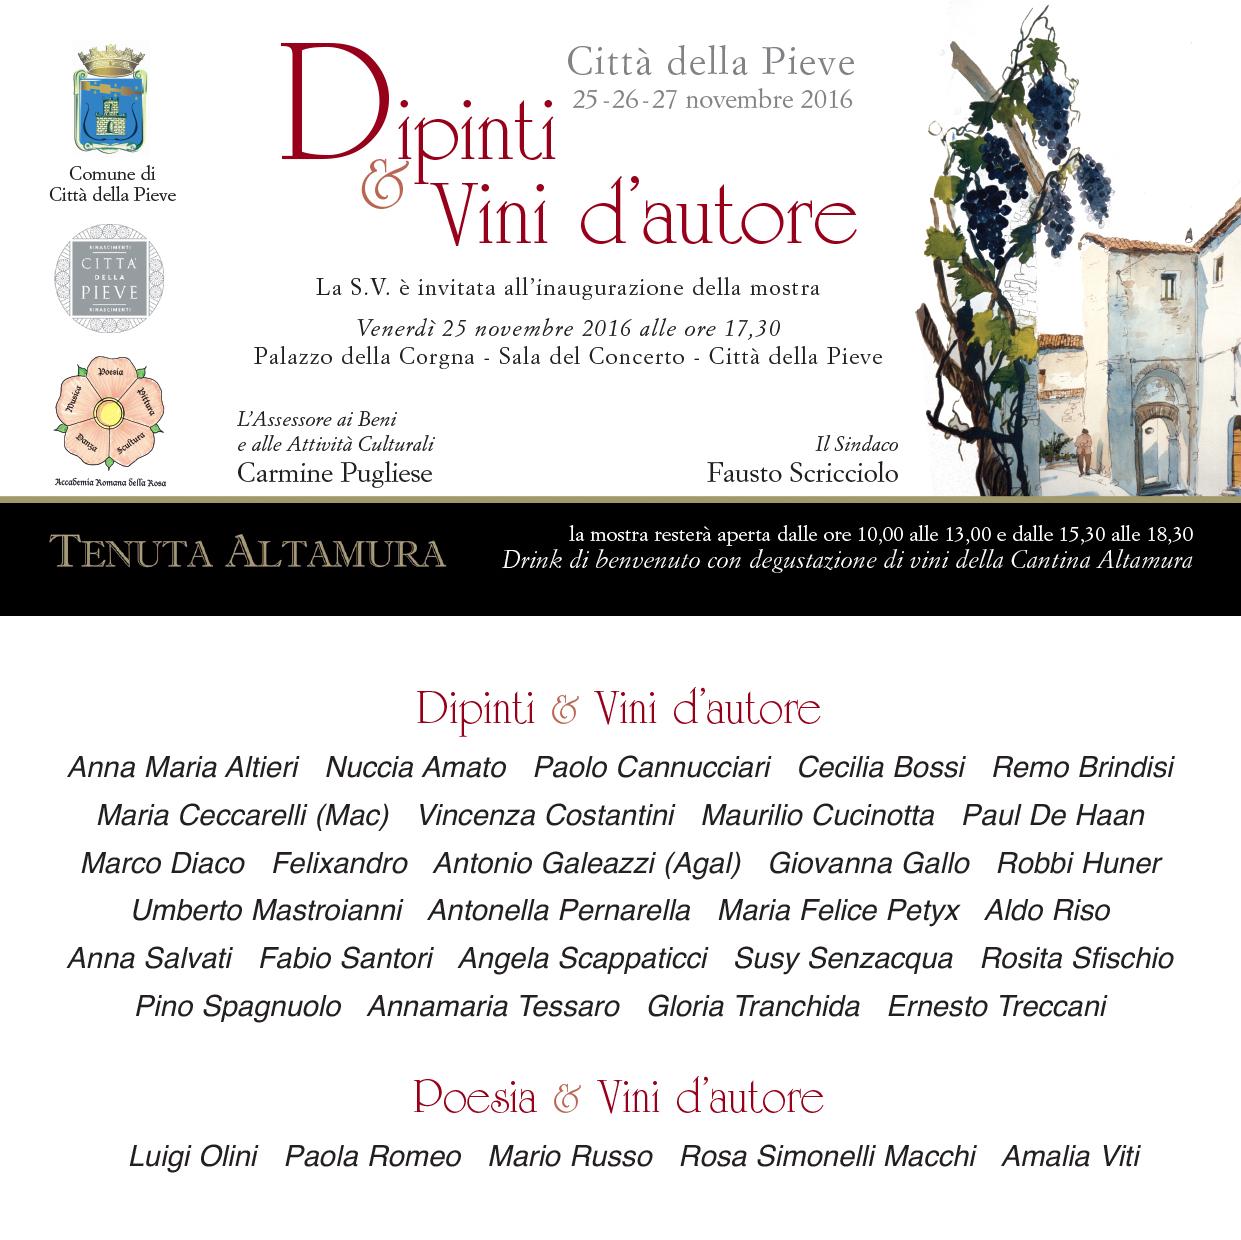 """""""Dipinti e vini d'autore"""" - città della pieve 2016"""